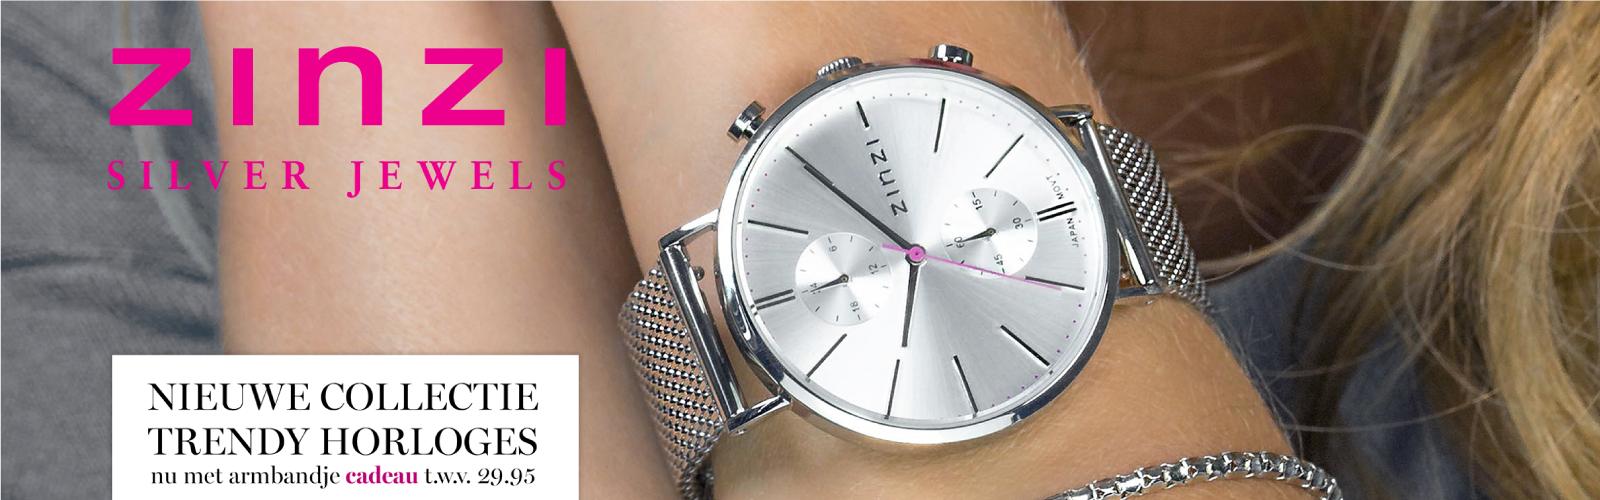 Zinzi-horloges-watches-met-gratis-armbandje-bij-Wolters-Juweliers-Coevorden-Emmen